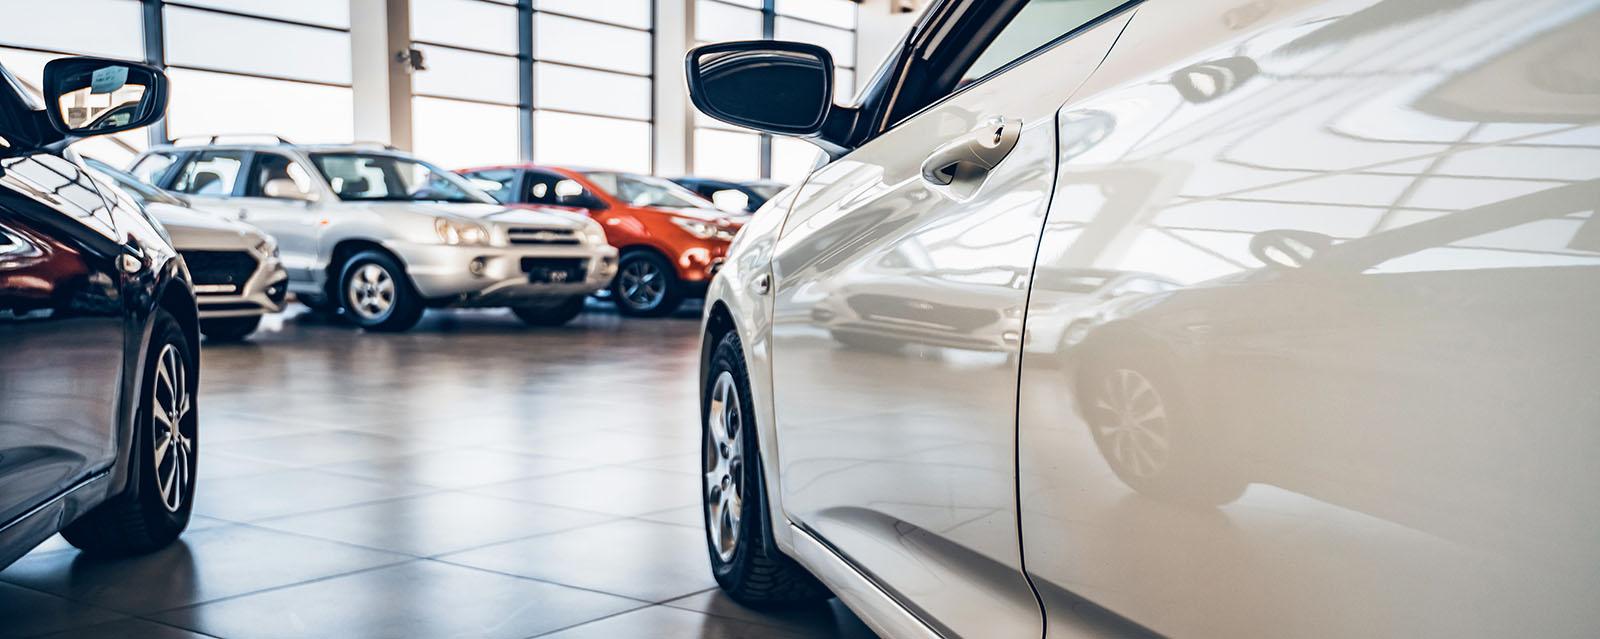 Sälj din bil med Haninge Bilpark.